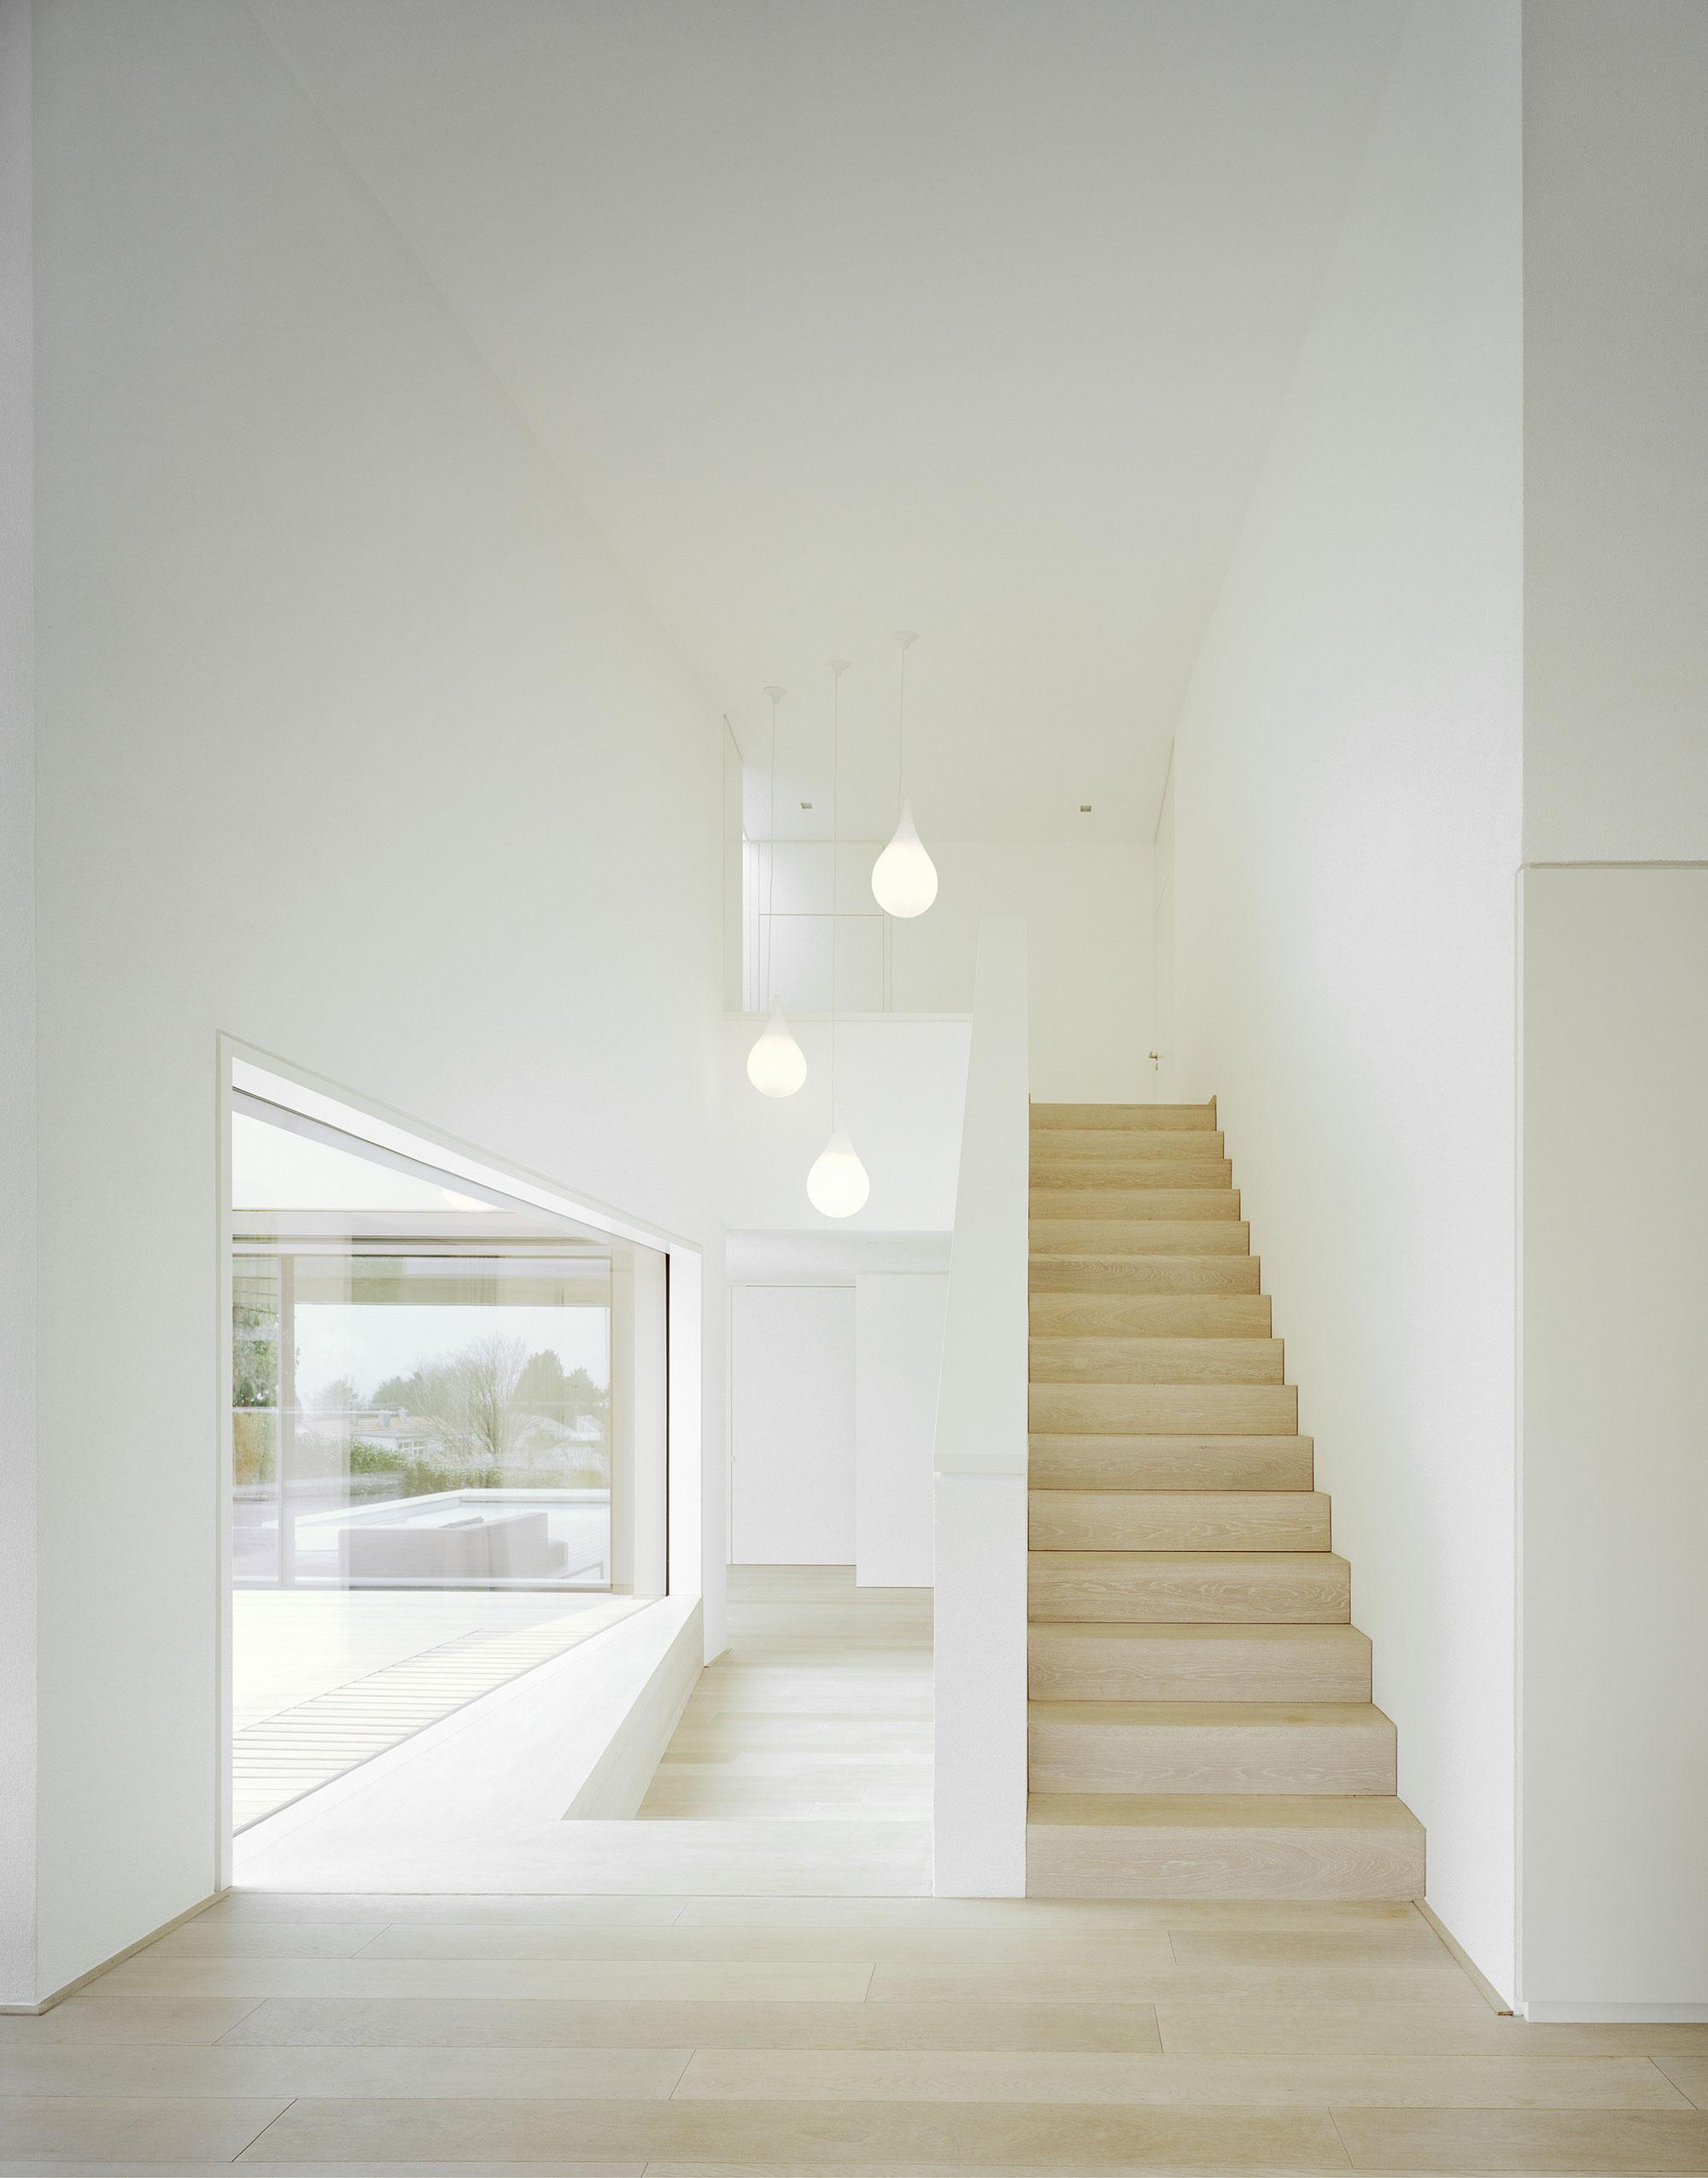 S3 City Home in Tübingen by Steimle Architekten-17